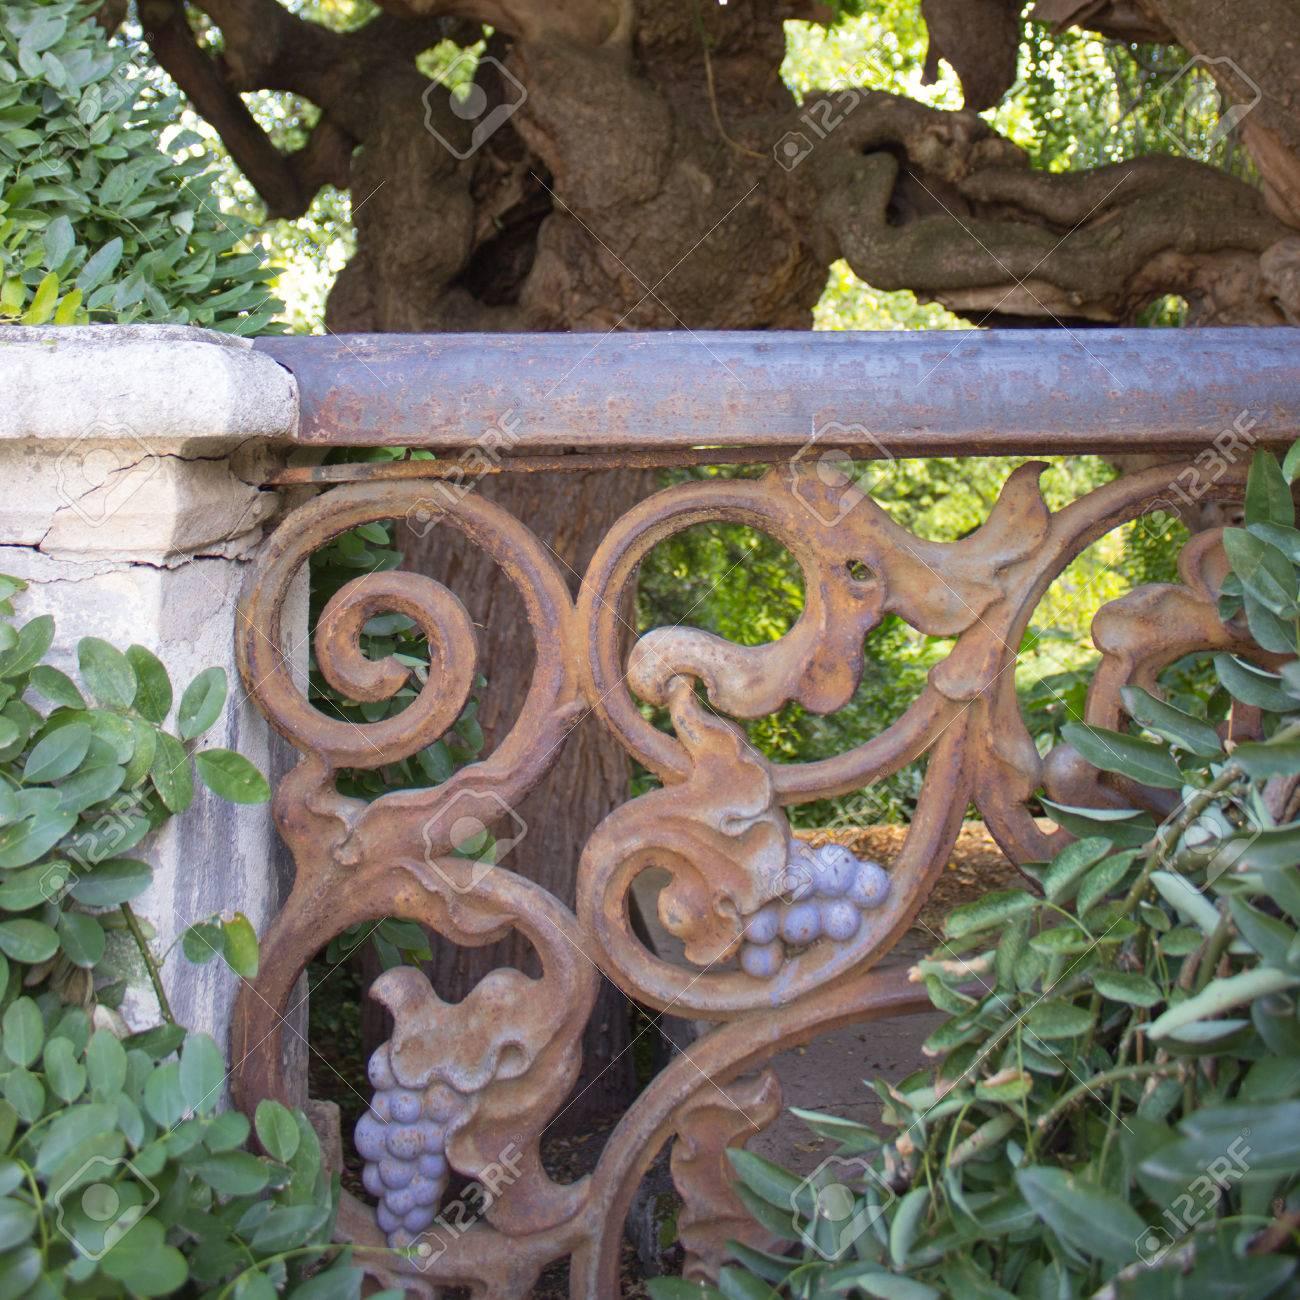 arbre pagode japonais avec une vieille balustrade en métal rouillé